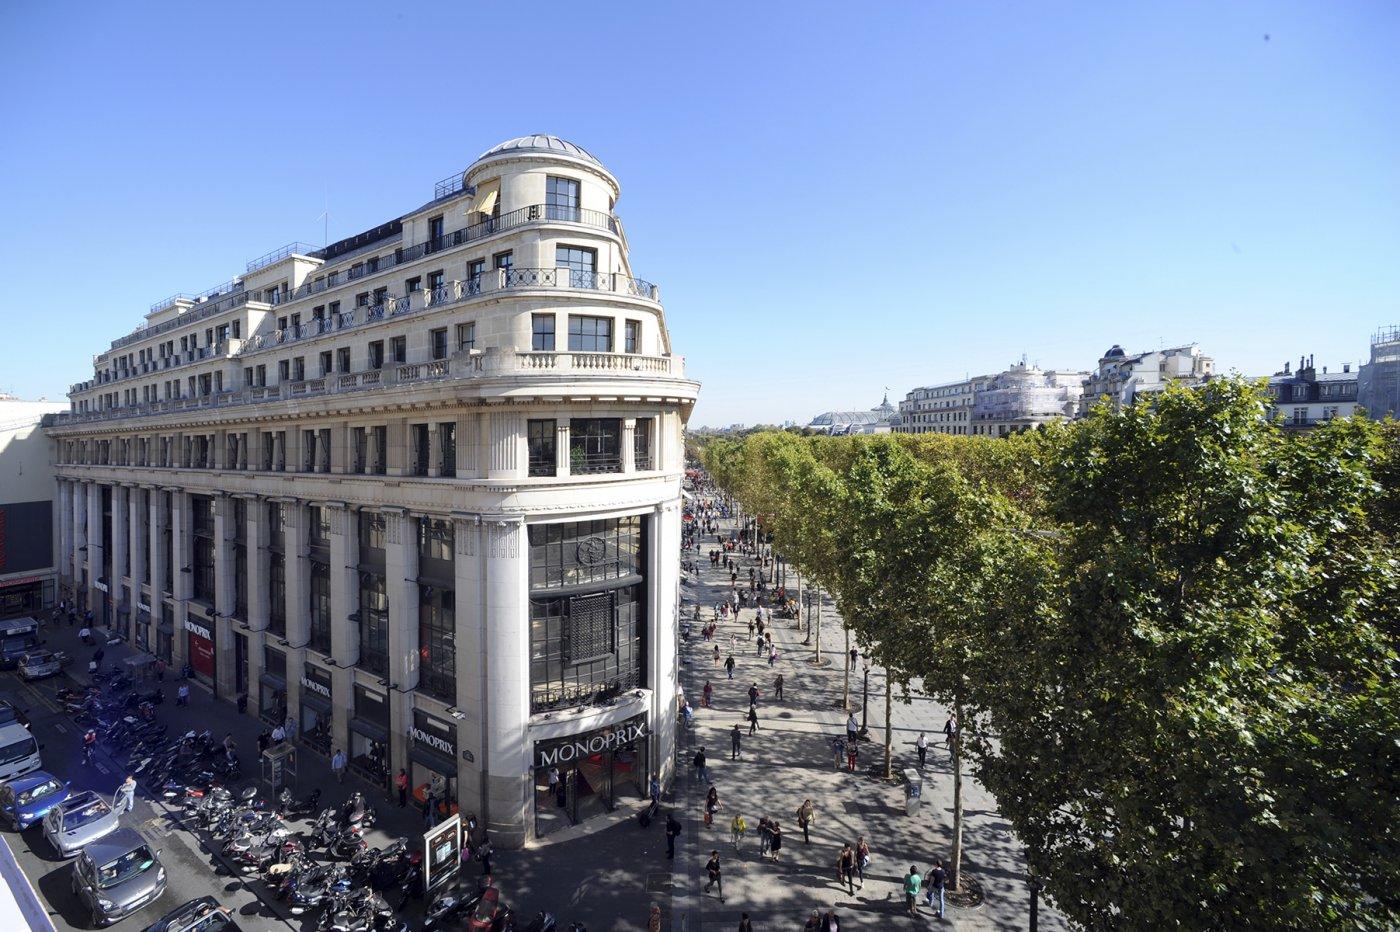 L'immeuble du 52 avenue des Champs-Elysées abritera le nouveau magasin des Galeries Lafayette